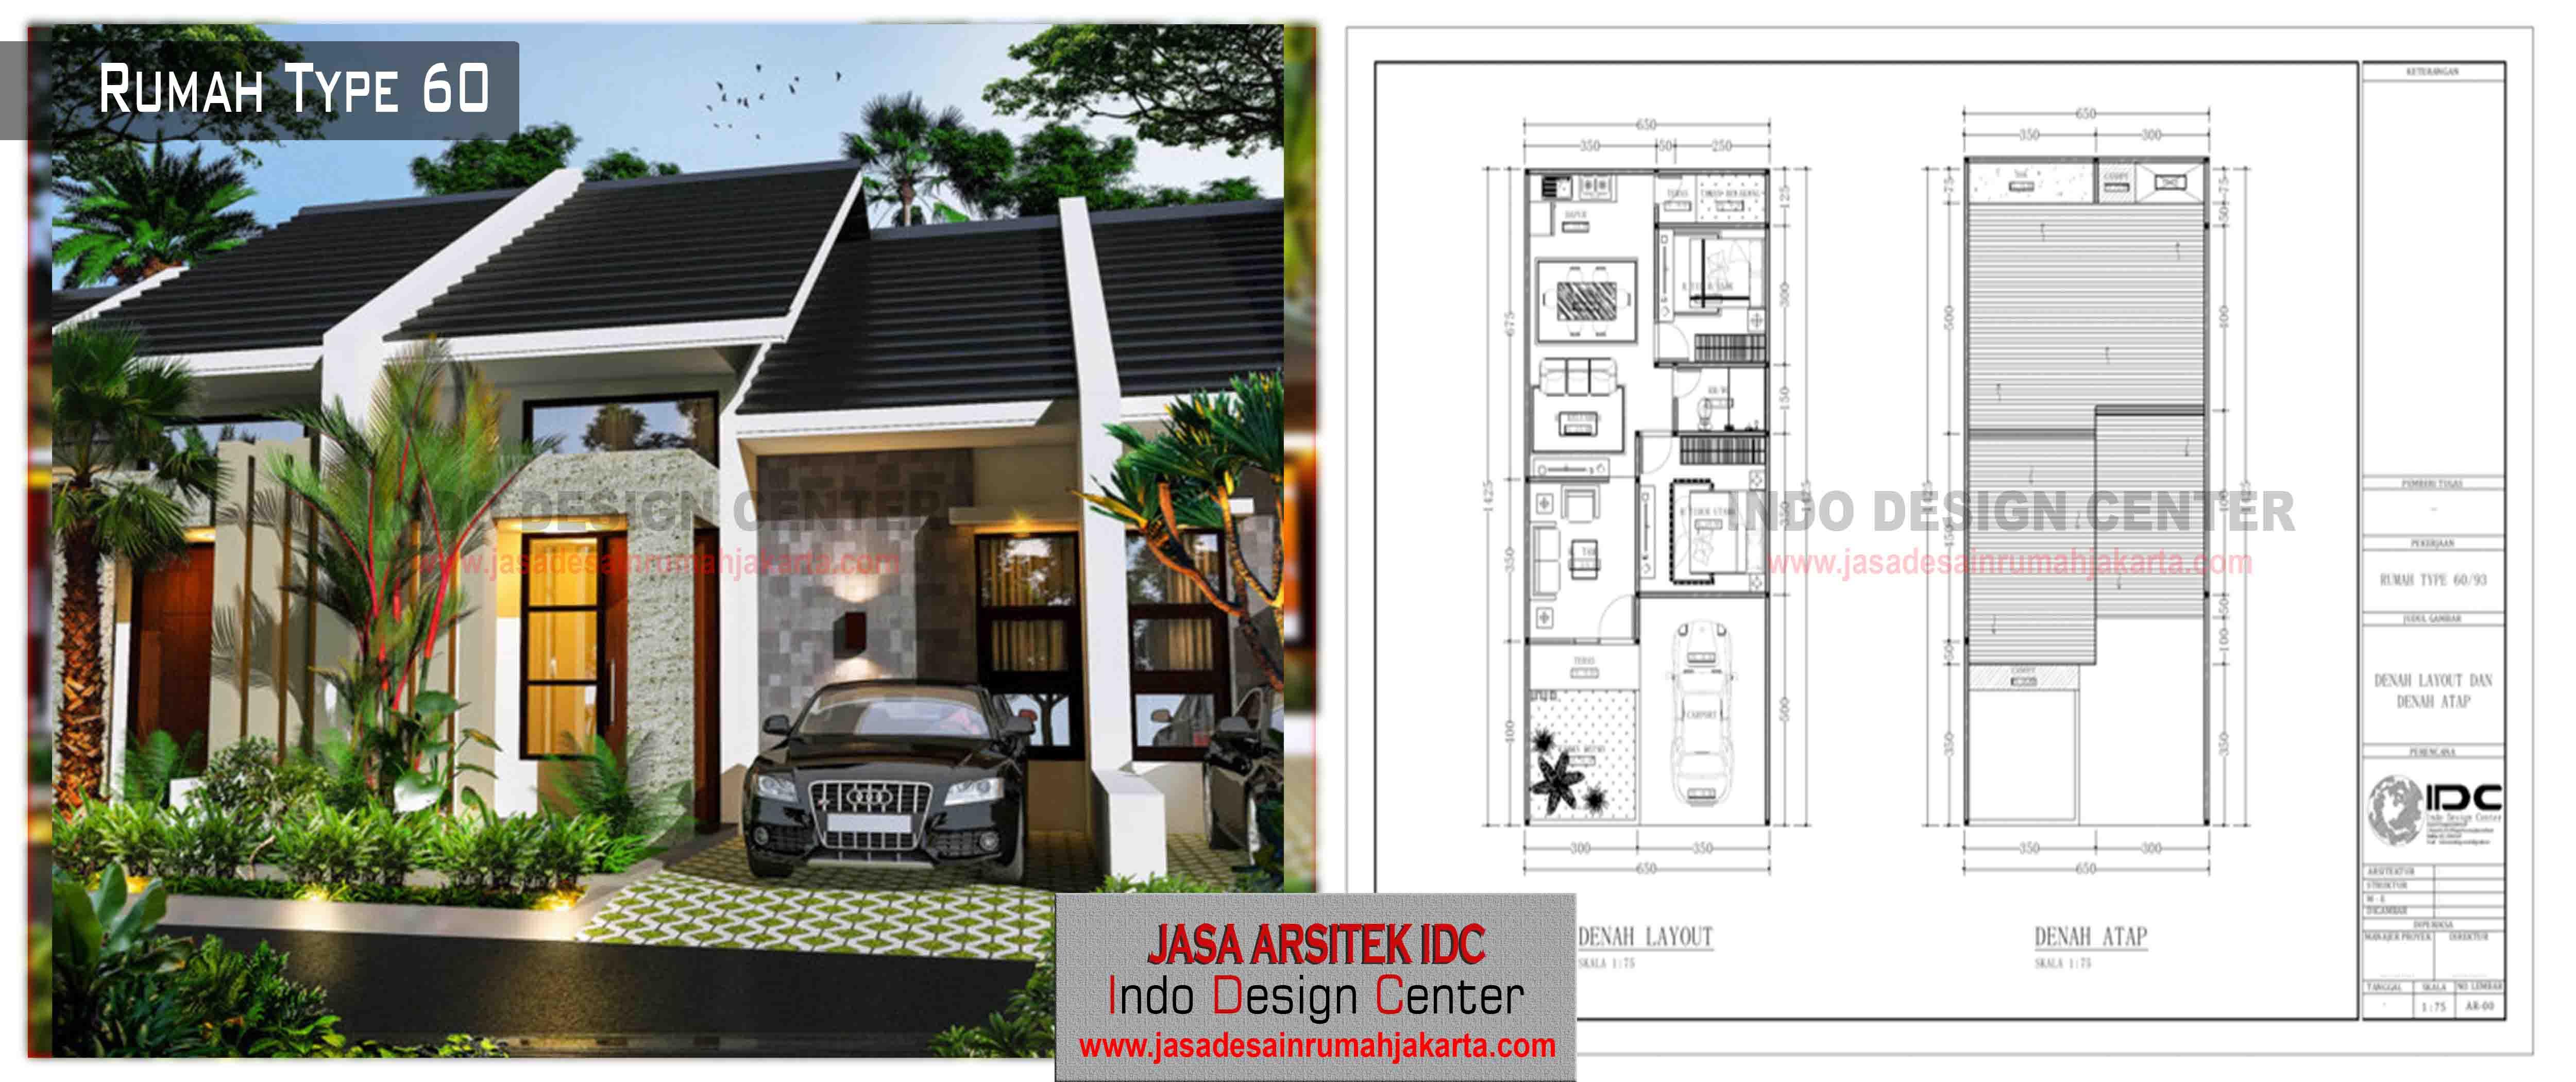 21 - Desain Rumah Type 60 | Kumpulan Contoh Desain Rumah ...